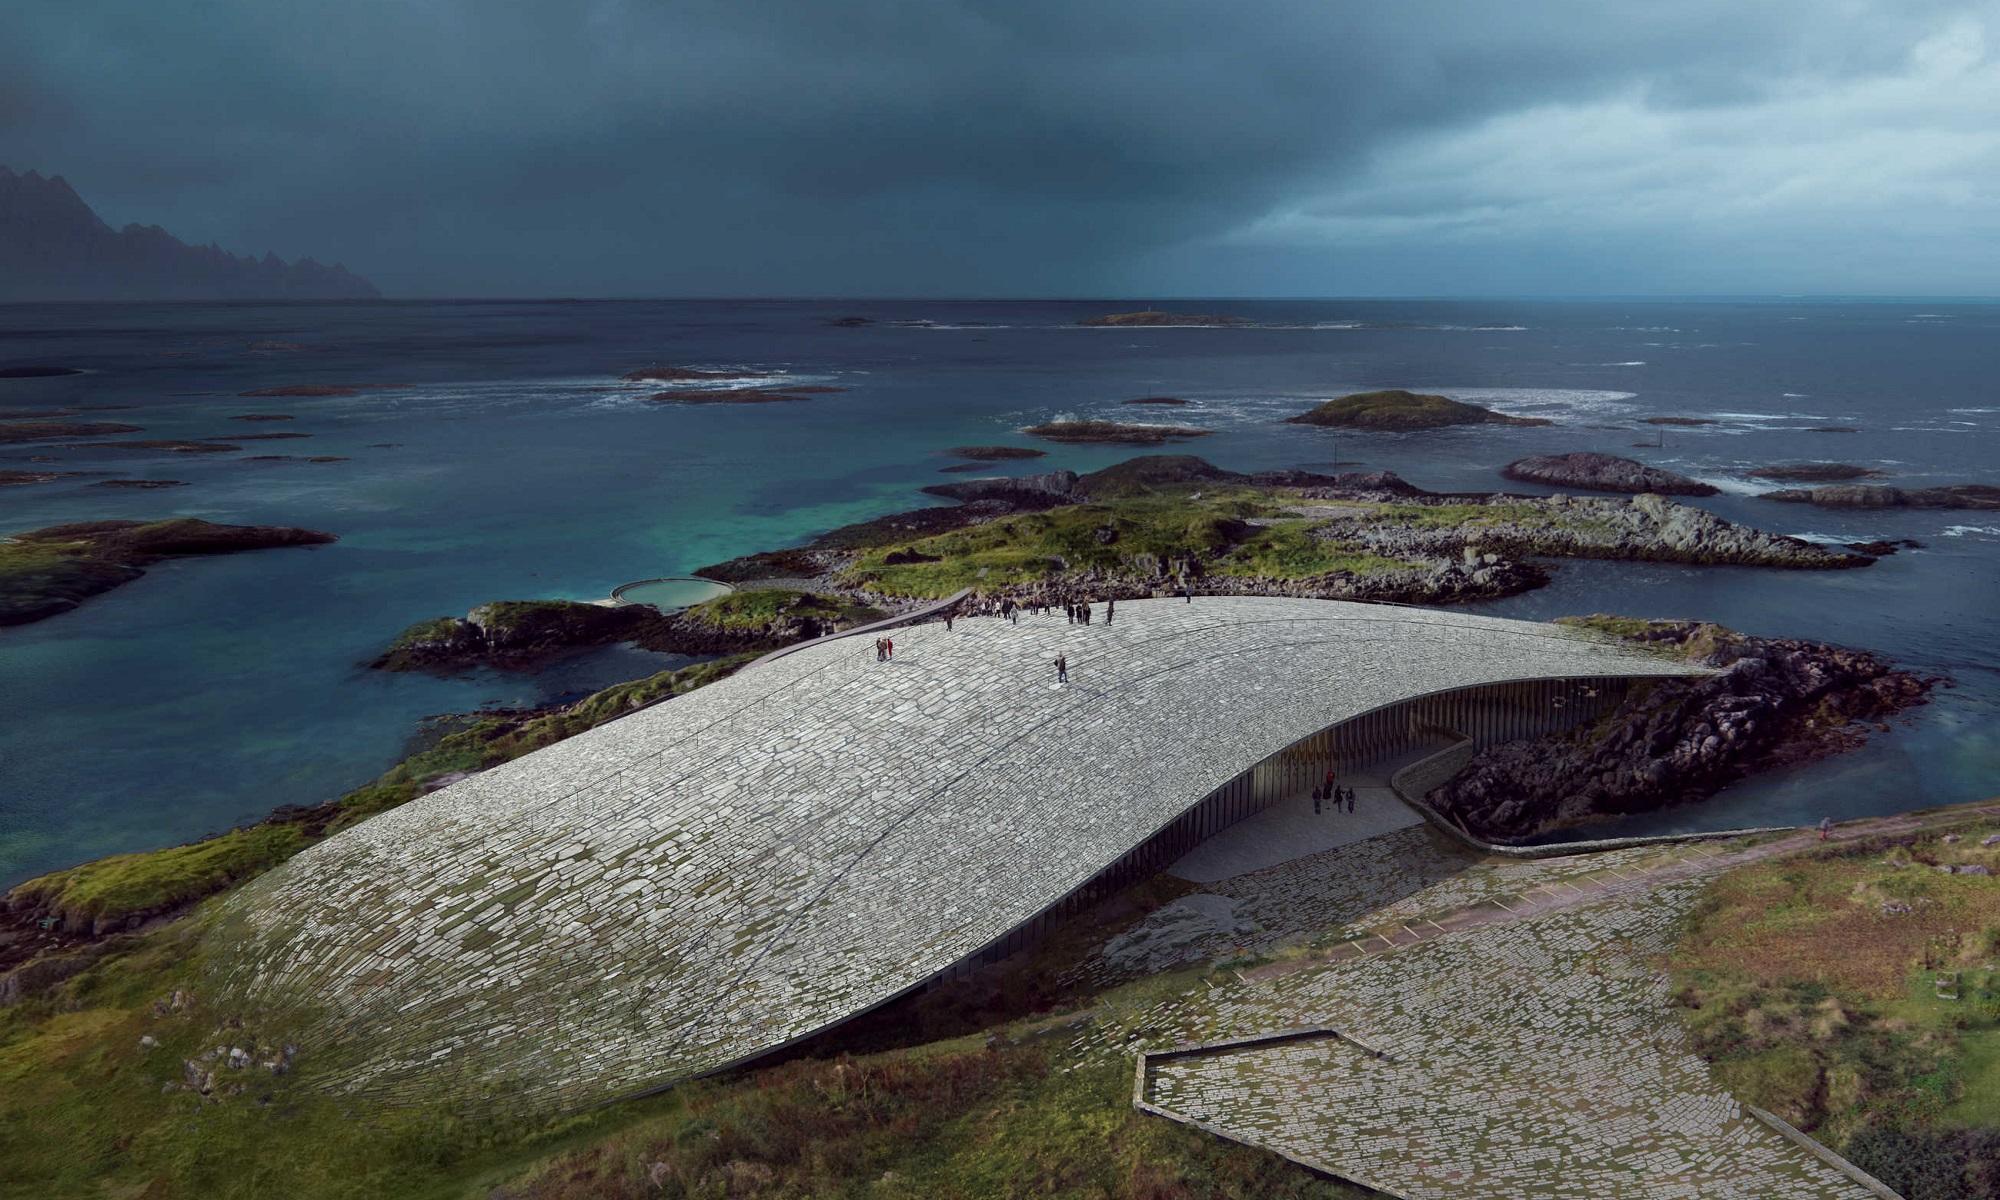 The Whale sarà la prossima straordinaria attrazione della Norvegia